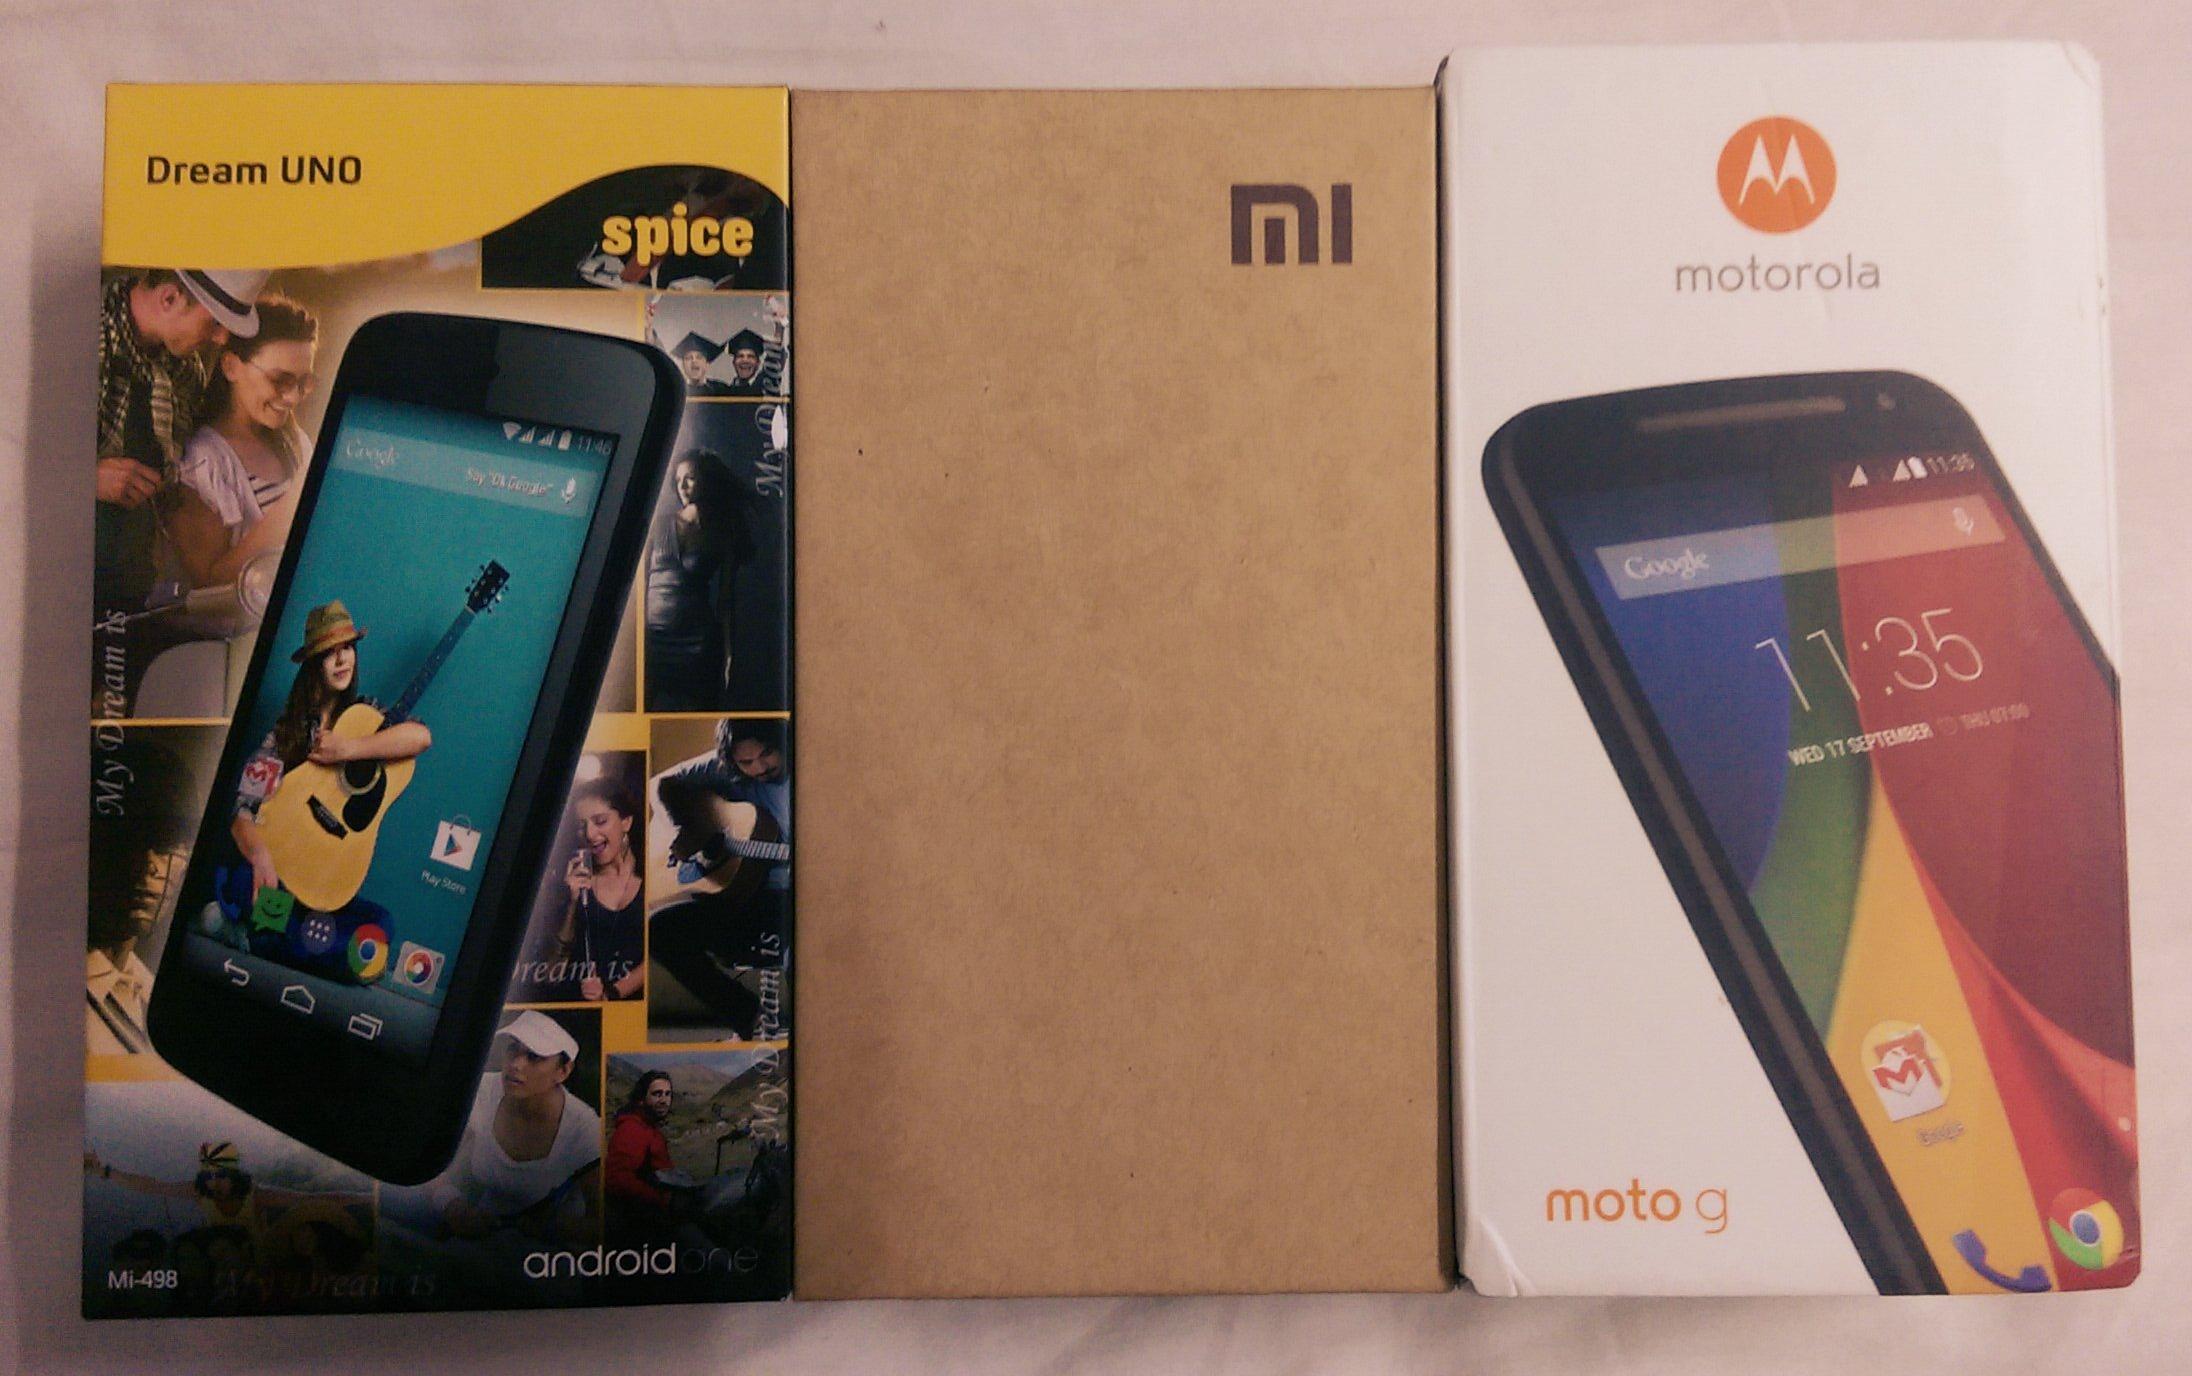 Google Android One VS Xiaomi Redmi 1S VS New Motorola Moto G VS Moto E Comparison With Videos